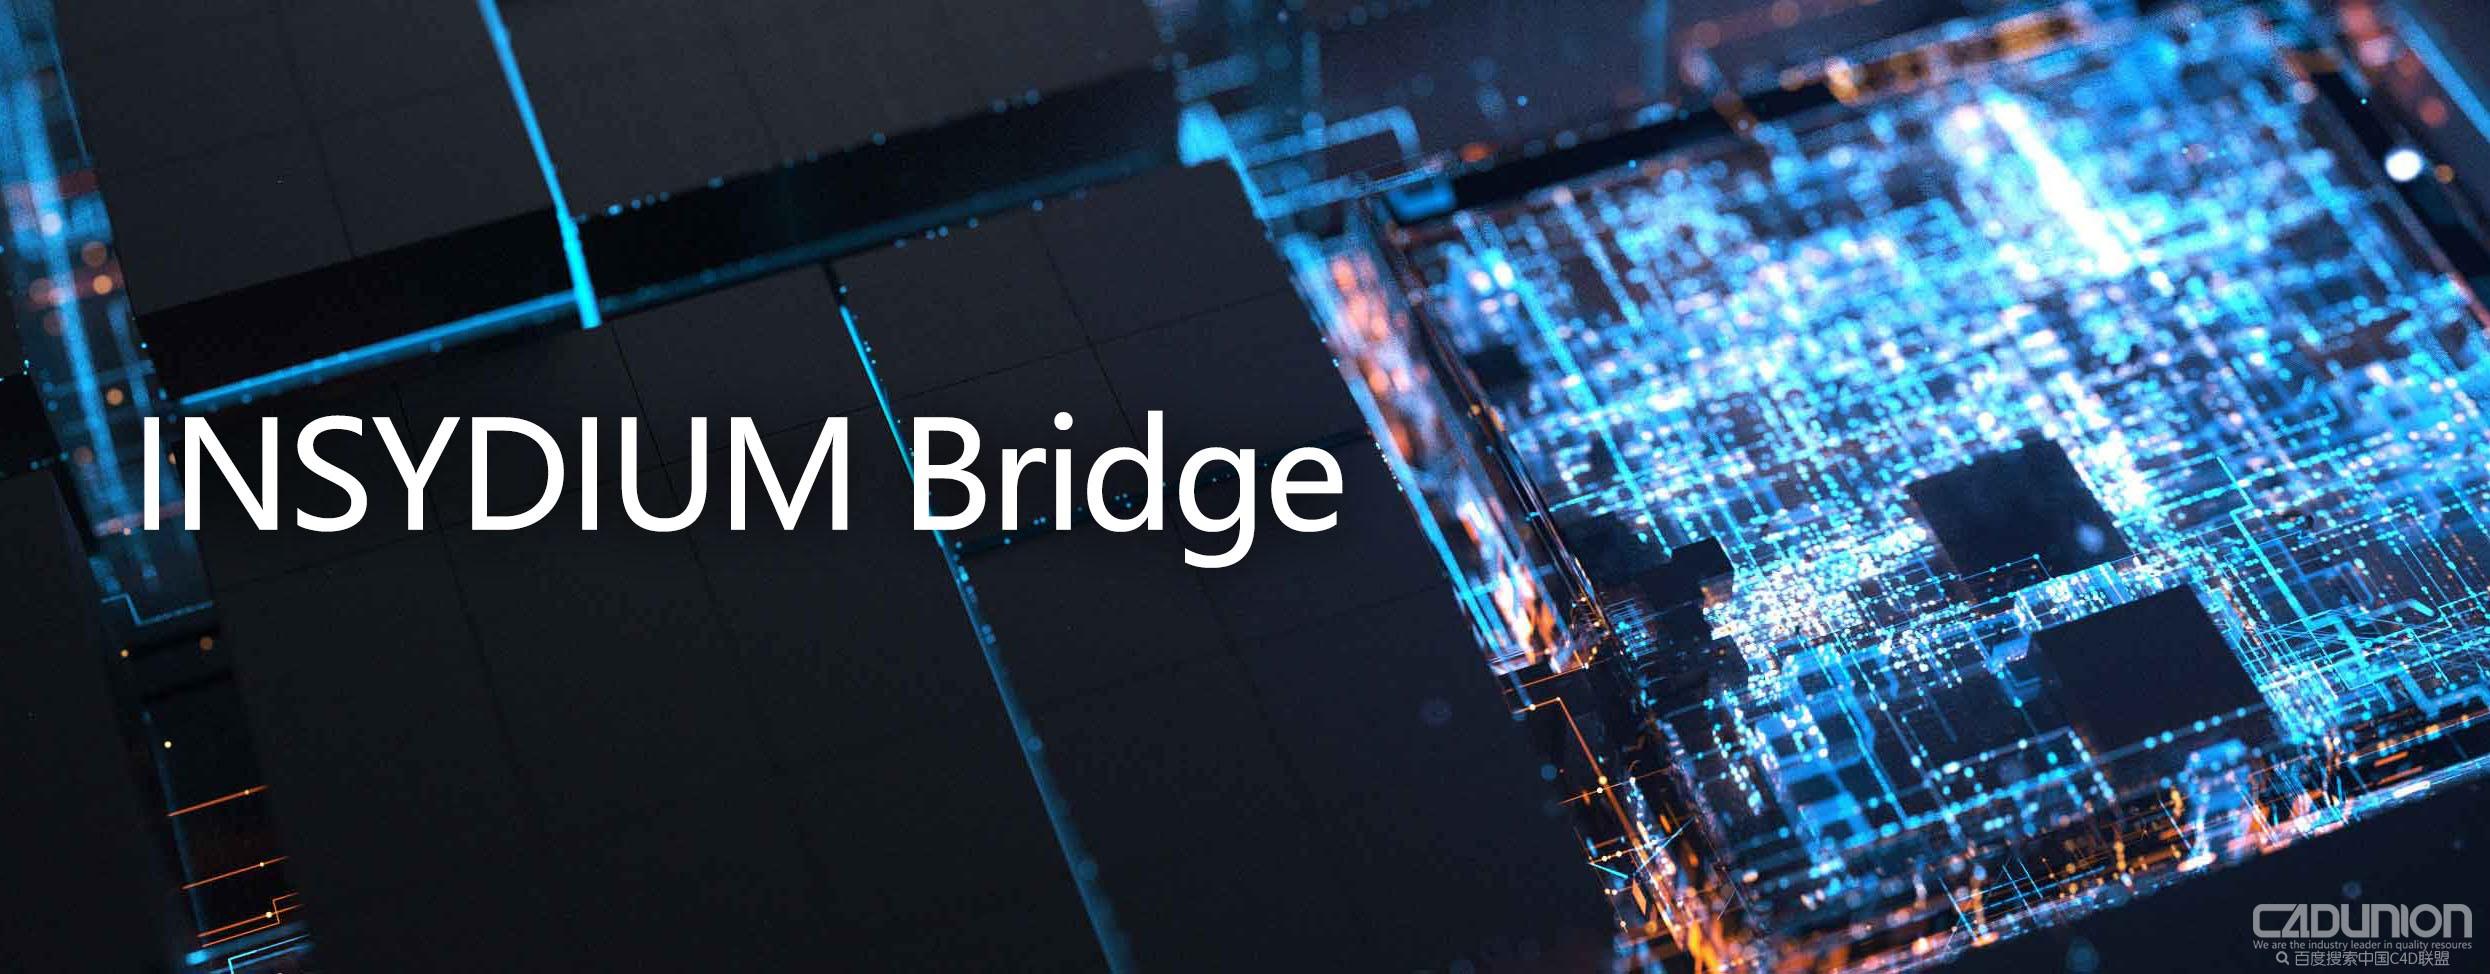 C4d R20 Bridge